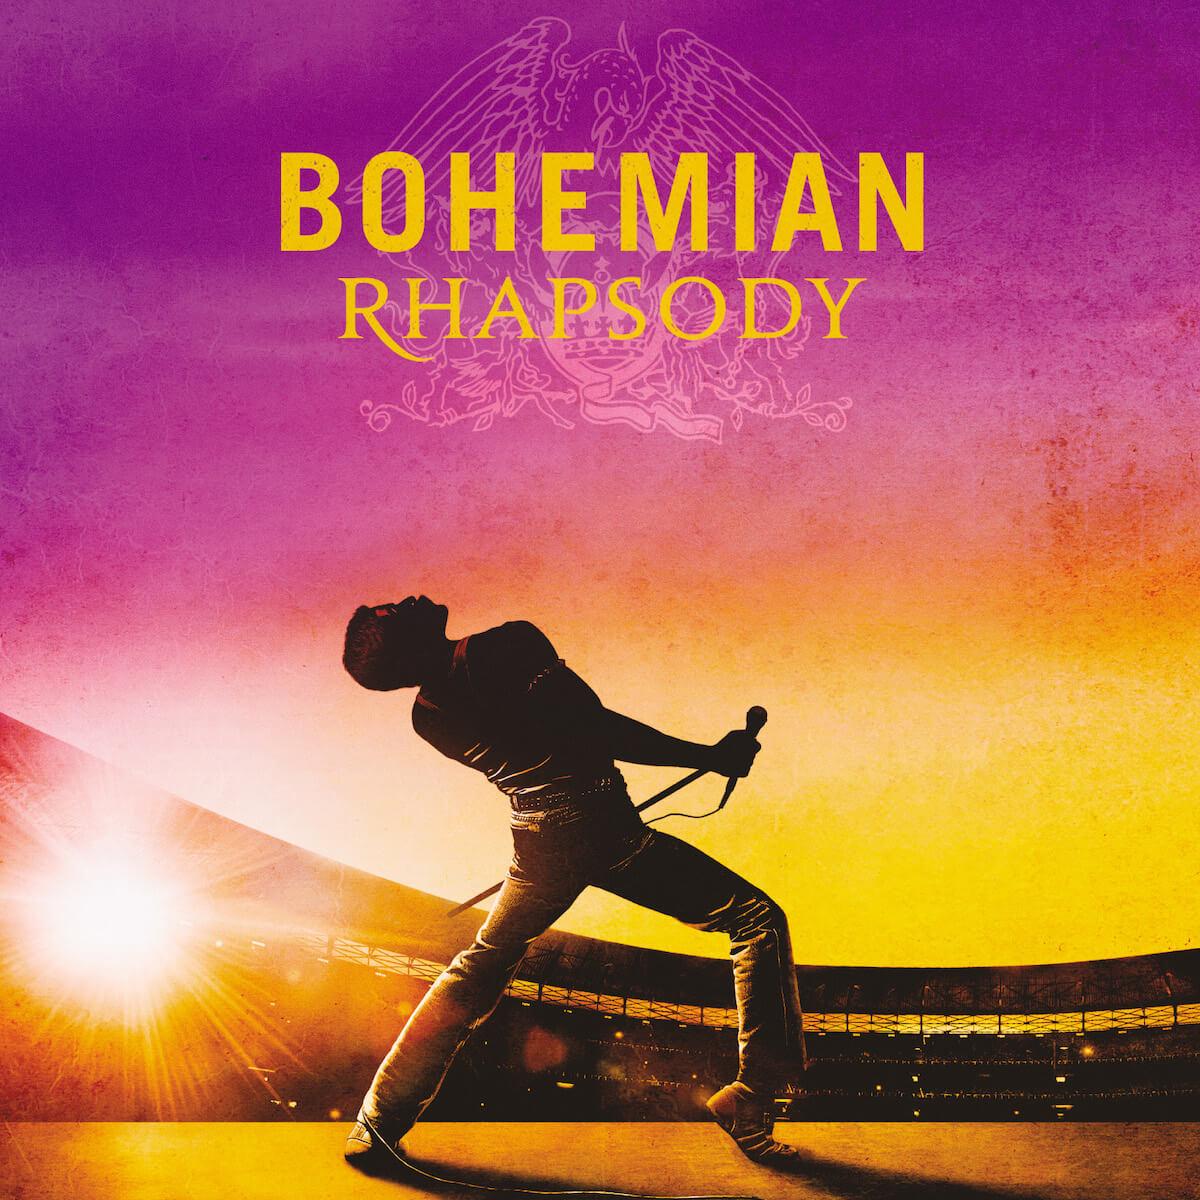 クイーン(Queen)[ジャケット写真]クイーン『ボヘミアン・ラプソディ(オリジナル・サウンドトラック)』